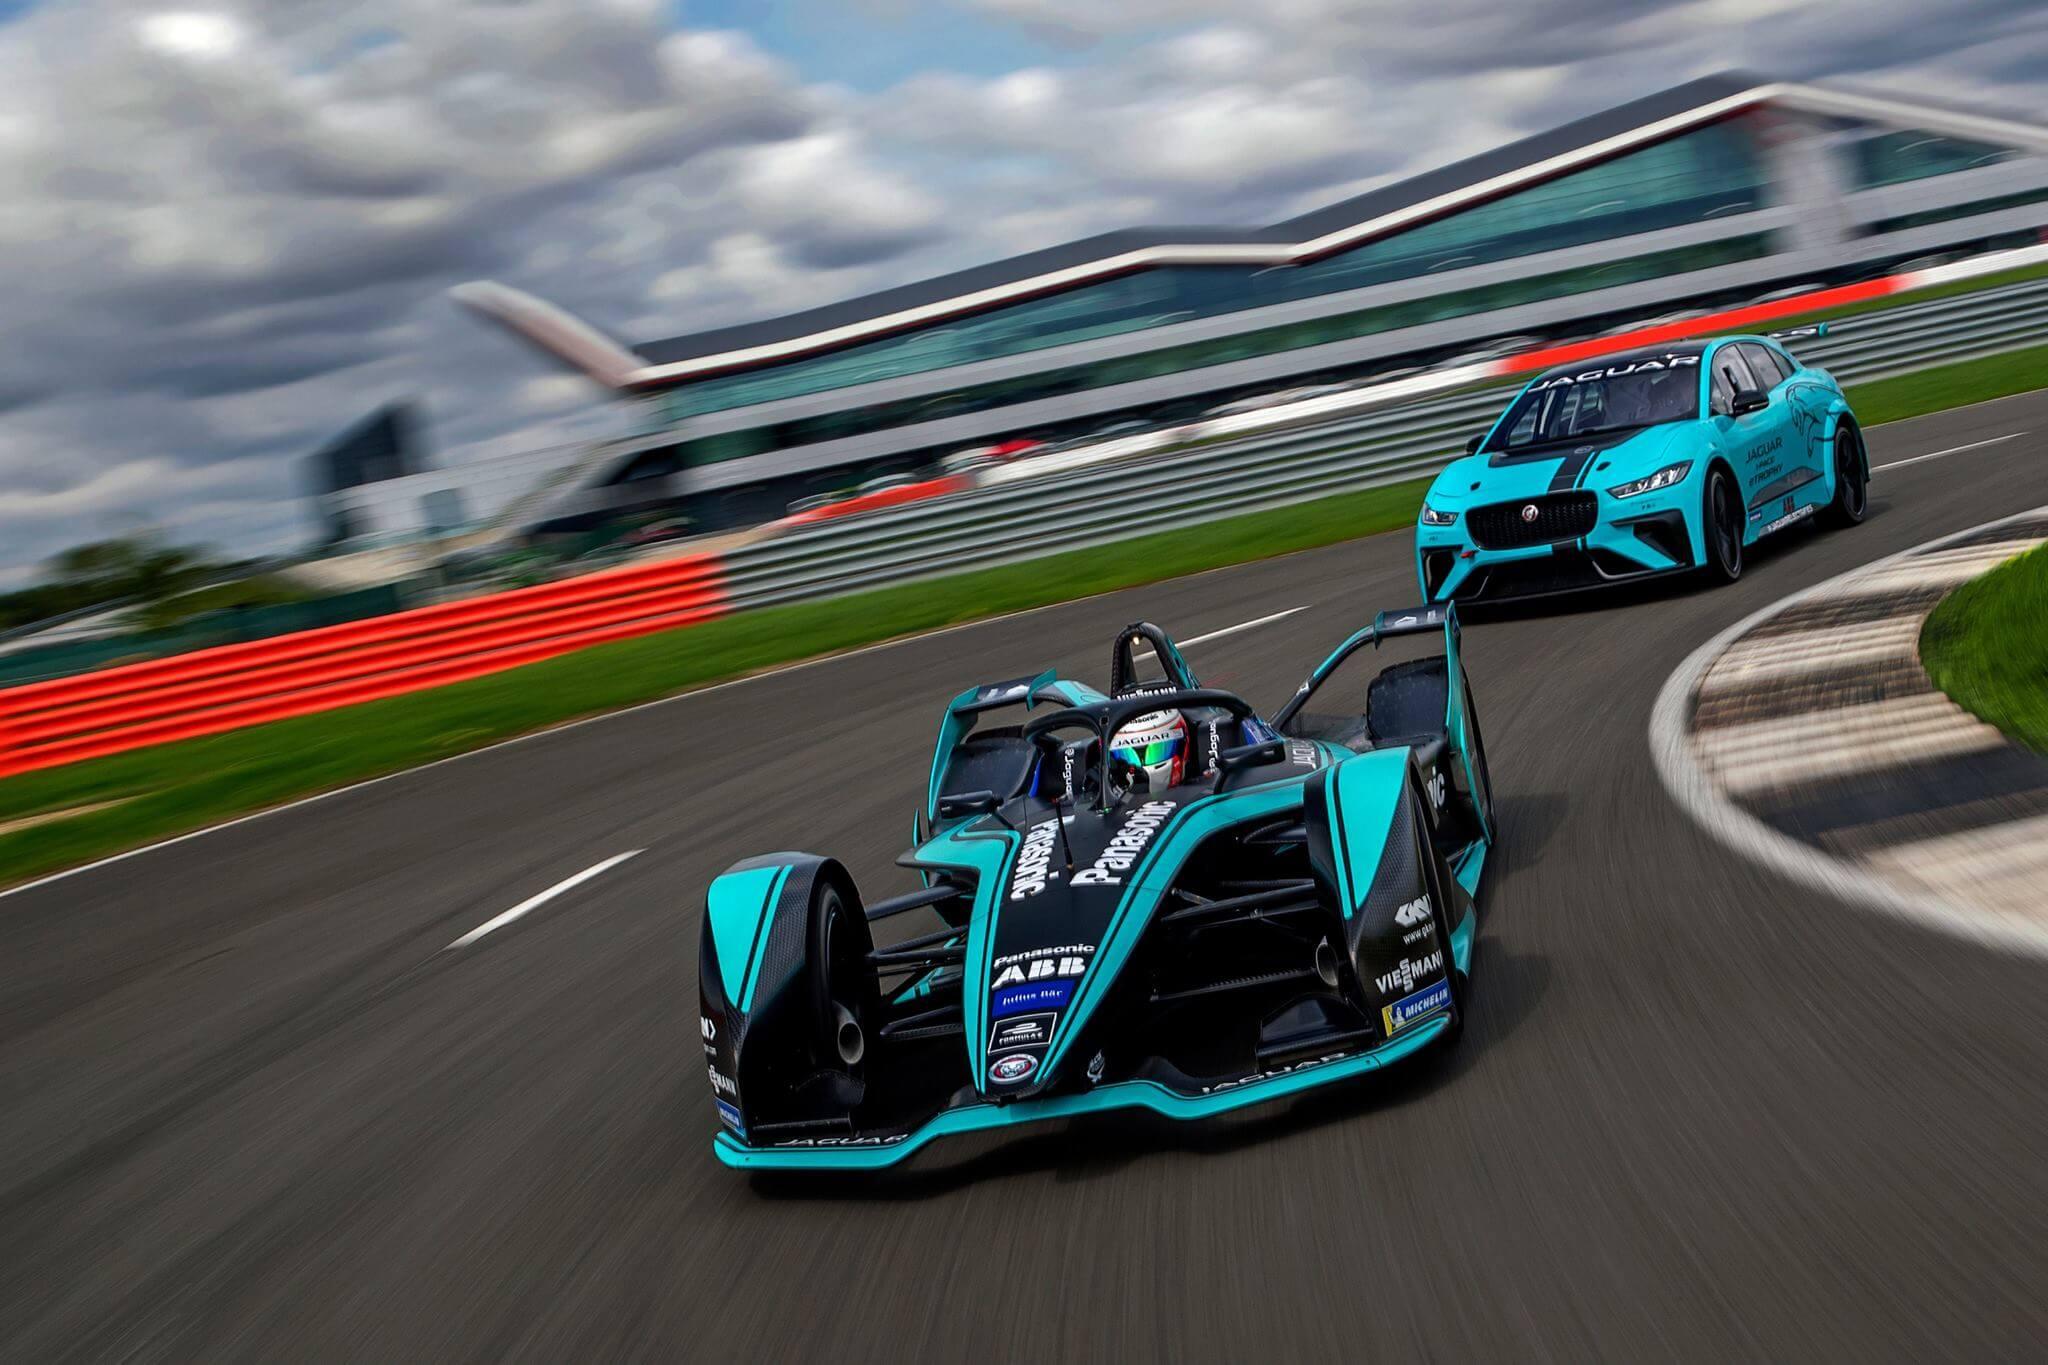 Először jön Magyarországra Formula E autó bemutatózni!